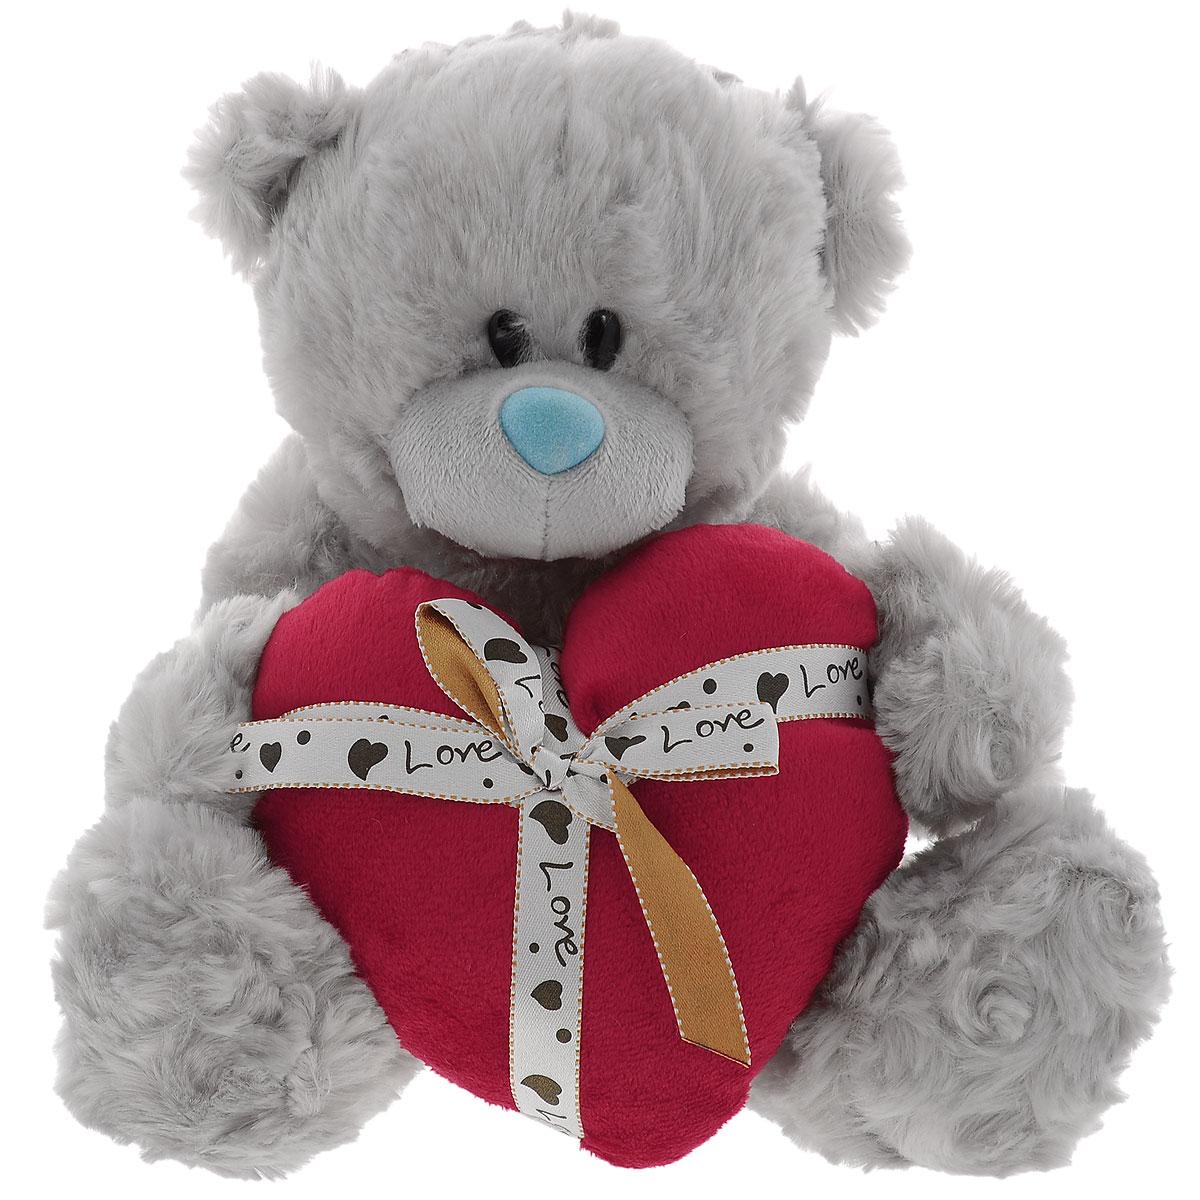 Мягкая игрушка Plush Apple Медведь с сердцем, 20 смK75313Е2Мягкая игрушка Plush Apple Медведь с сердцем выполнена в виде трогательного медвежонка. Игрушка изготовлена из высококачественных текстильных материалов. Специальные гранулы, используемые при ее набивке, способствуют развитию мелкой моторики рук малыша. Глазки выполнены из пластика. В лапках медвежонок держит красное сердце, которое украшено ленточкой с бантиком и надписью Love. Удивительно мягкая игрушка принесет радость и подарит своему обладателю мгновения нежных объятий и приятных воспоминаний.